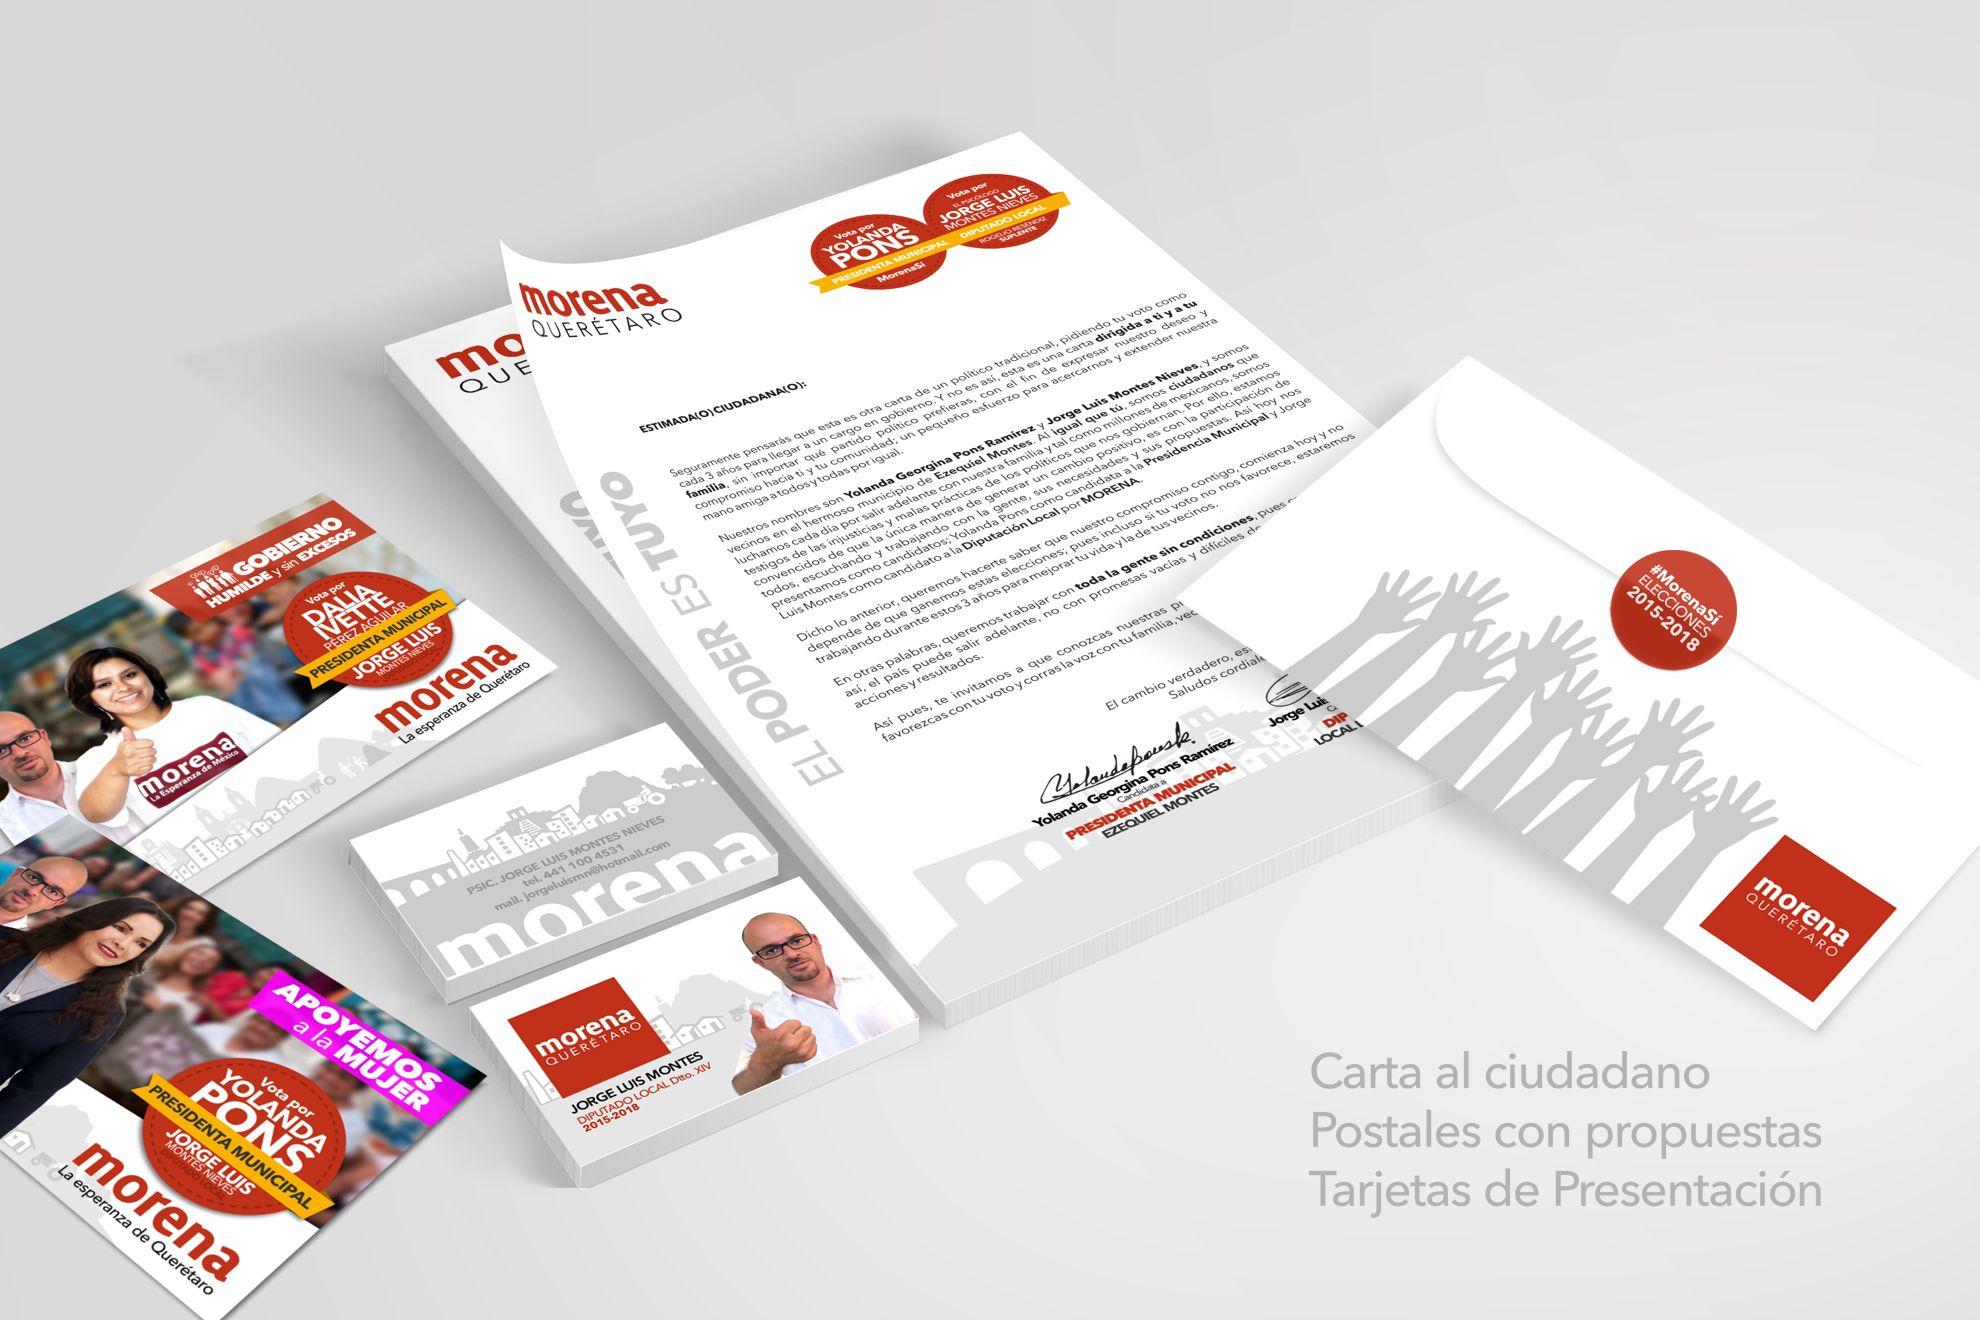 8de0d98def4cf Mock up Paquete de propaganda para MORENA Querétaro. - Carta para elector -  Tarjetas de Presentación - Postales - Sobre Personalizado